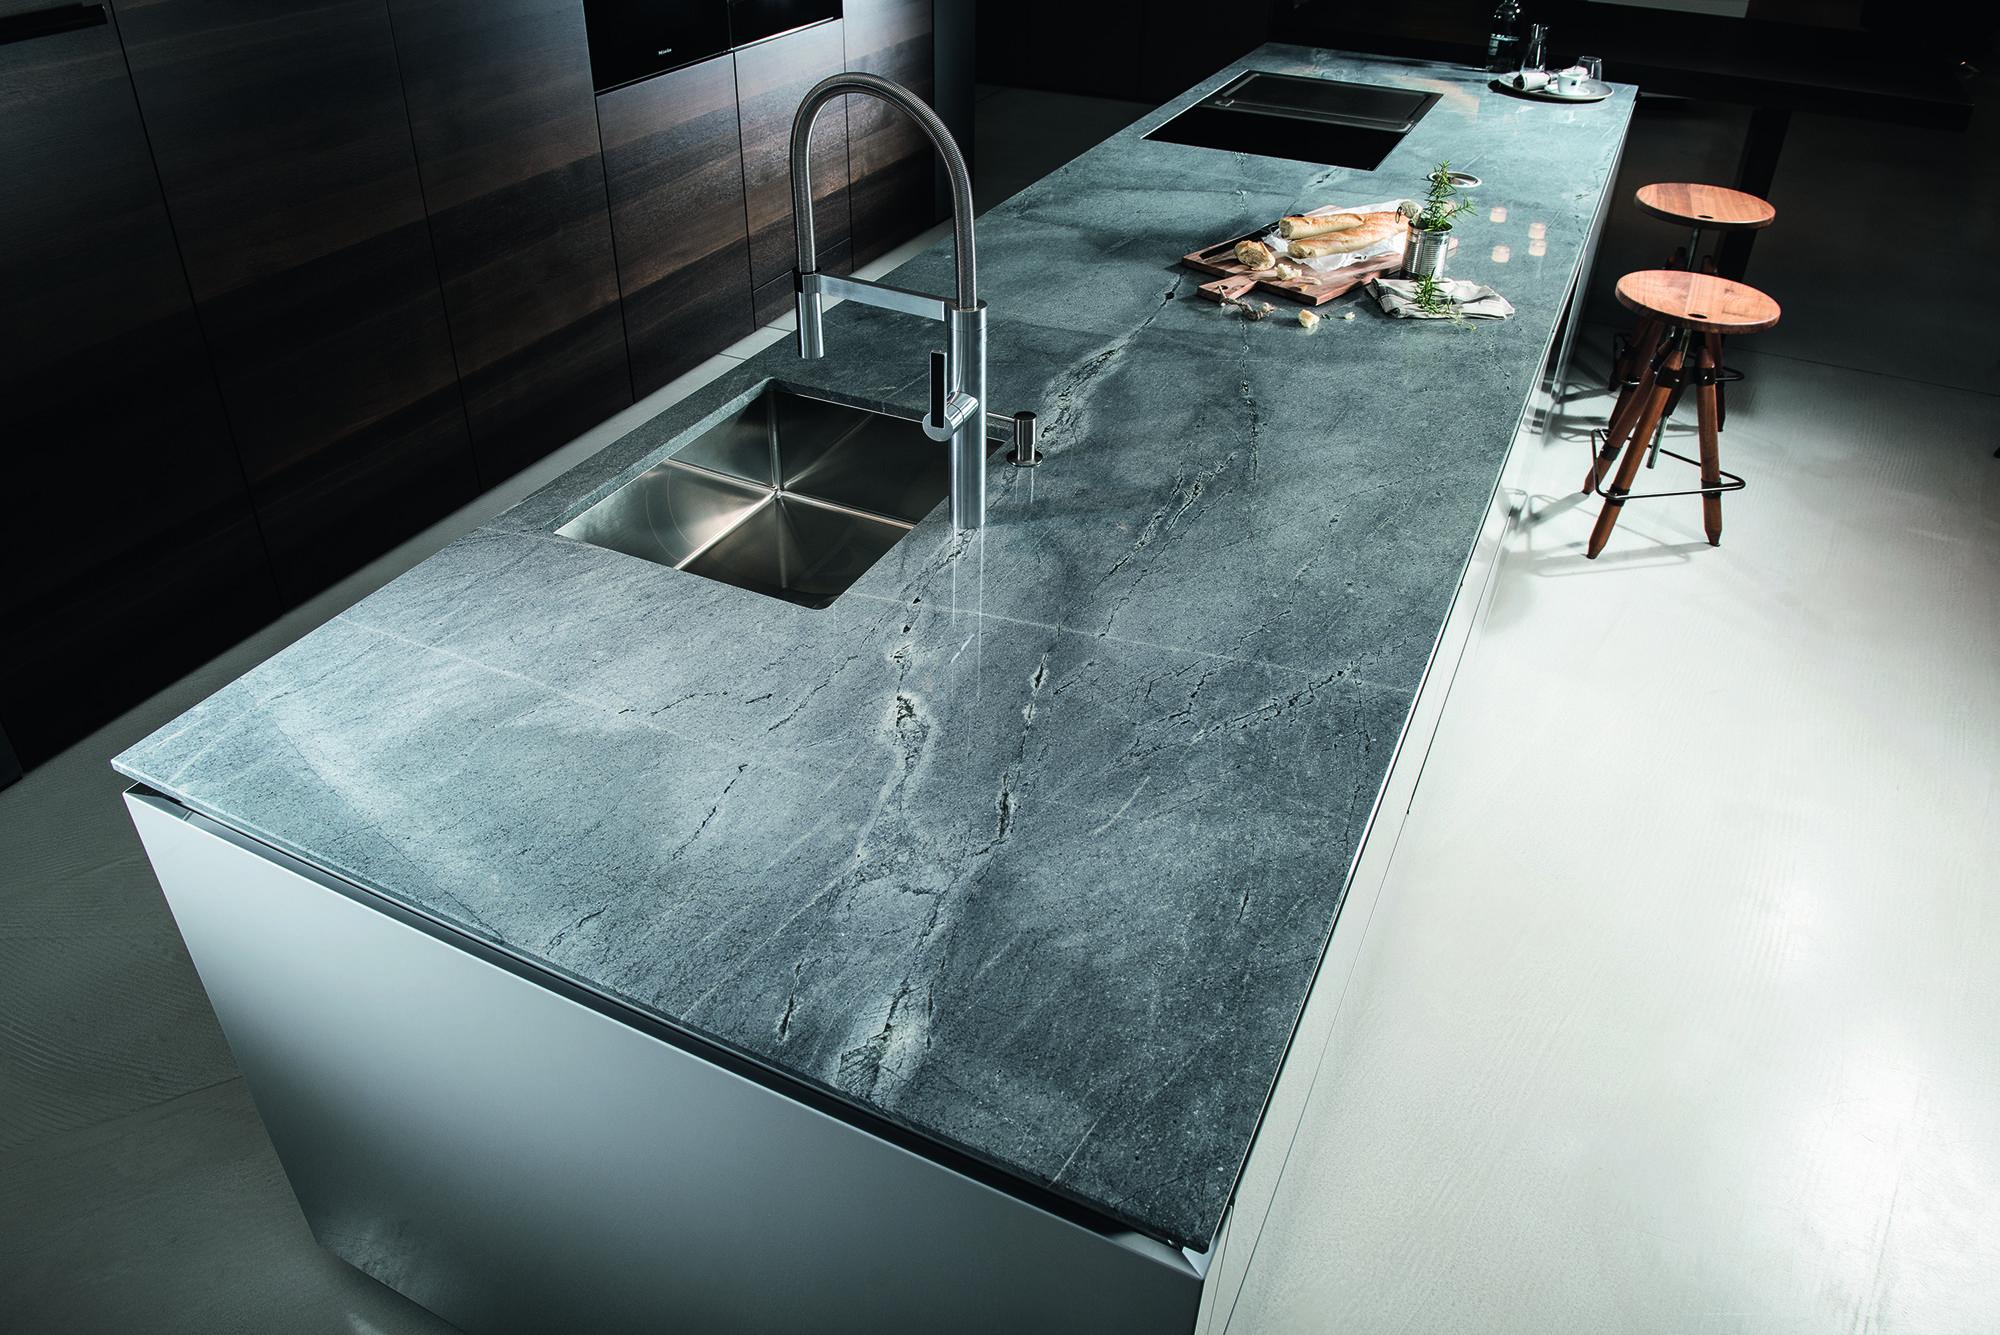 Anhaltender Trend Zu Naturlichen Materialien Strasser Steine Arbeitsplatte Kuche Granit Kuche Kuche Naturstein